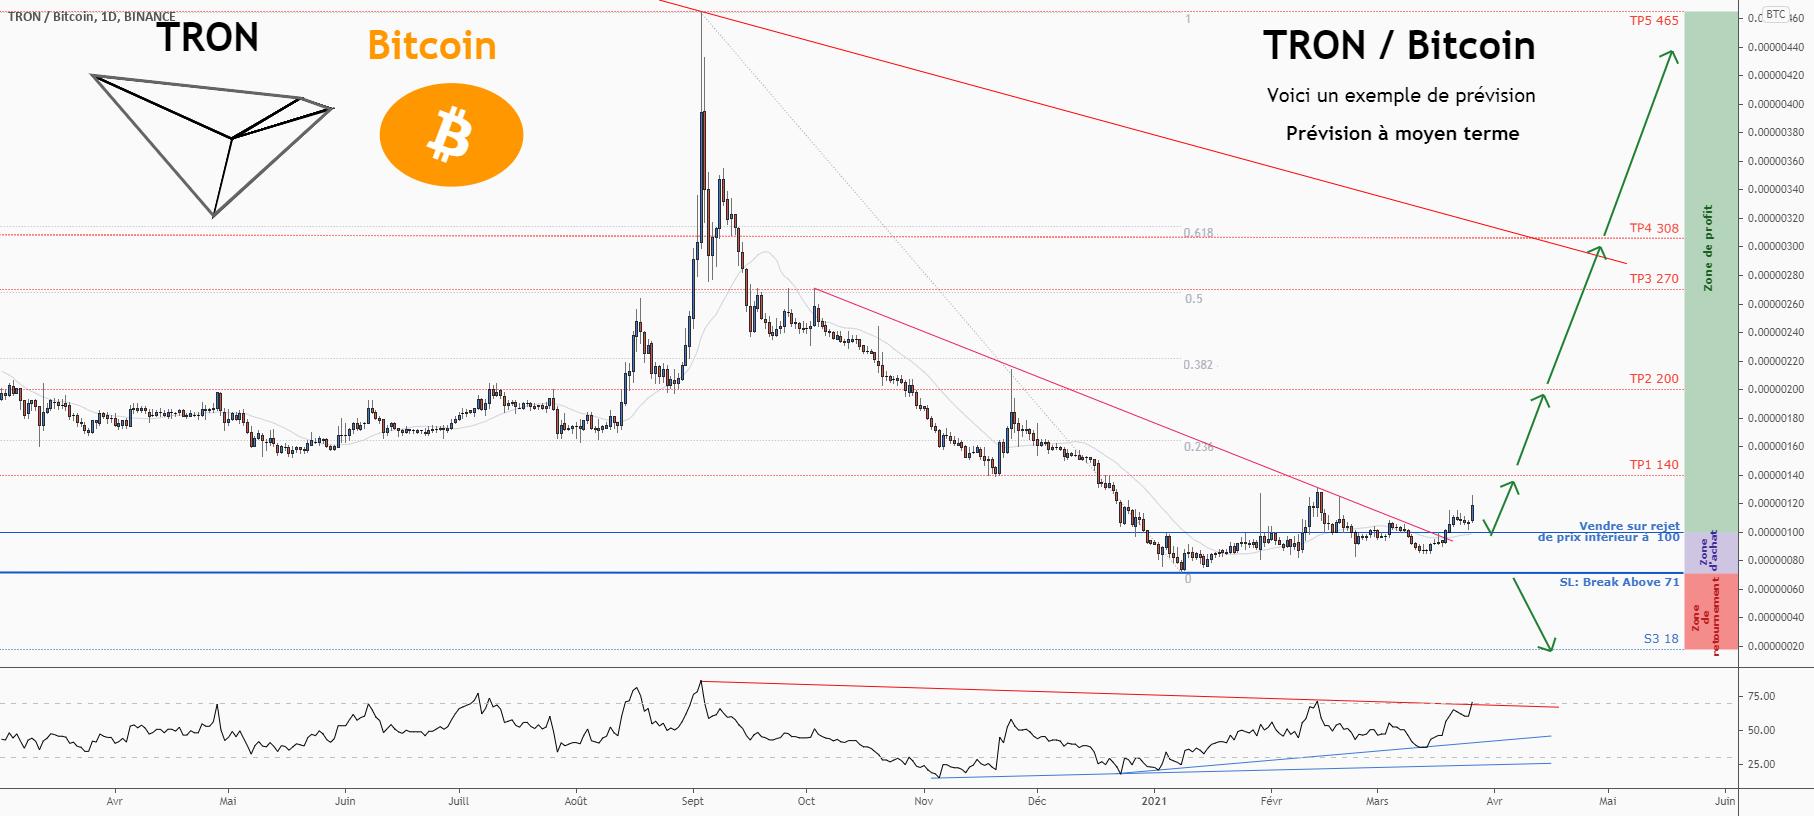 💡C'est une grande opportunité d'achat sur TRXBTC pour BINANCE:TRXBTC par ForecastCity_Francais